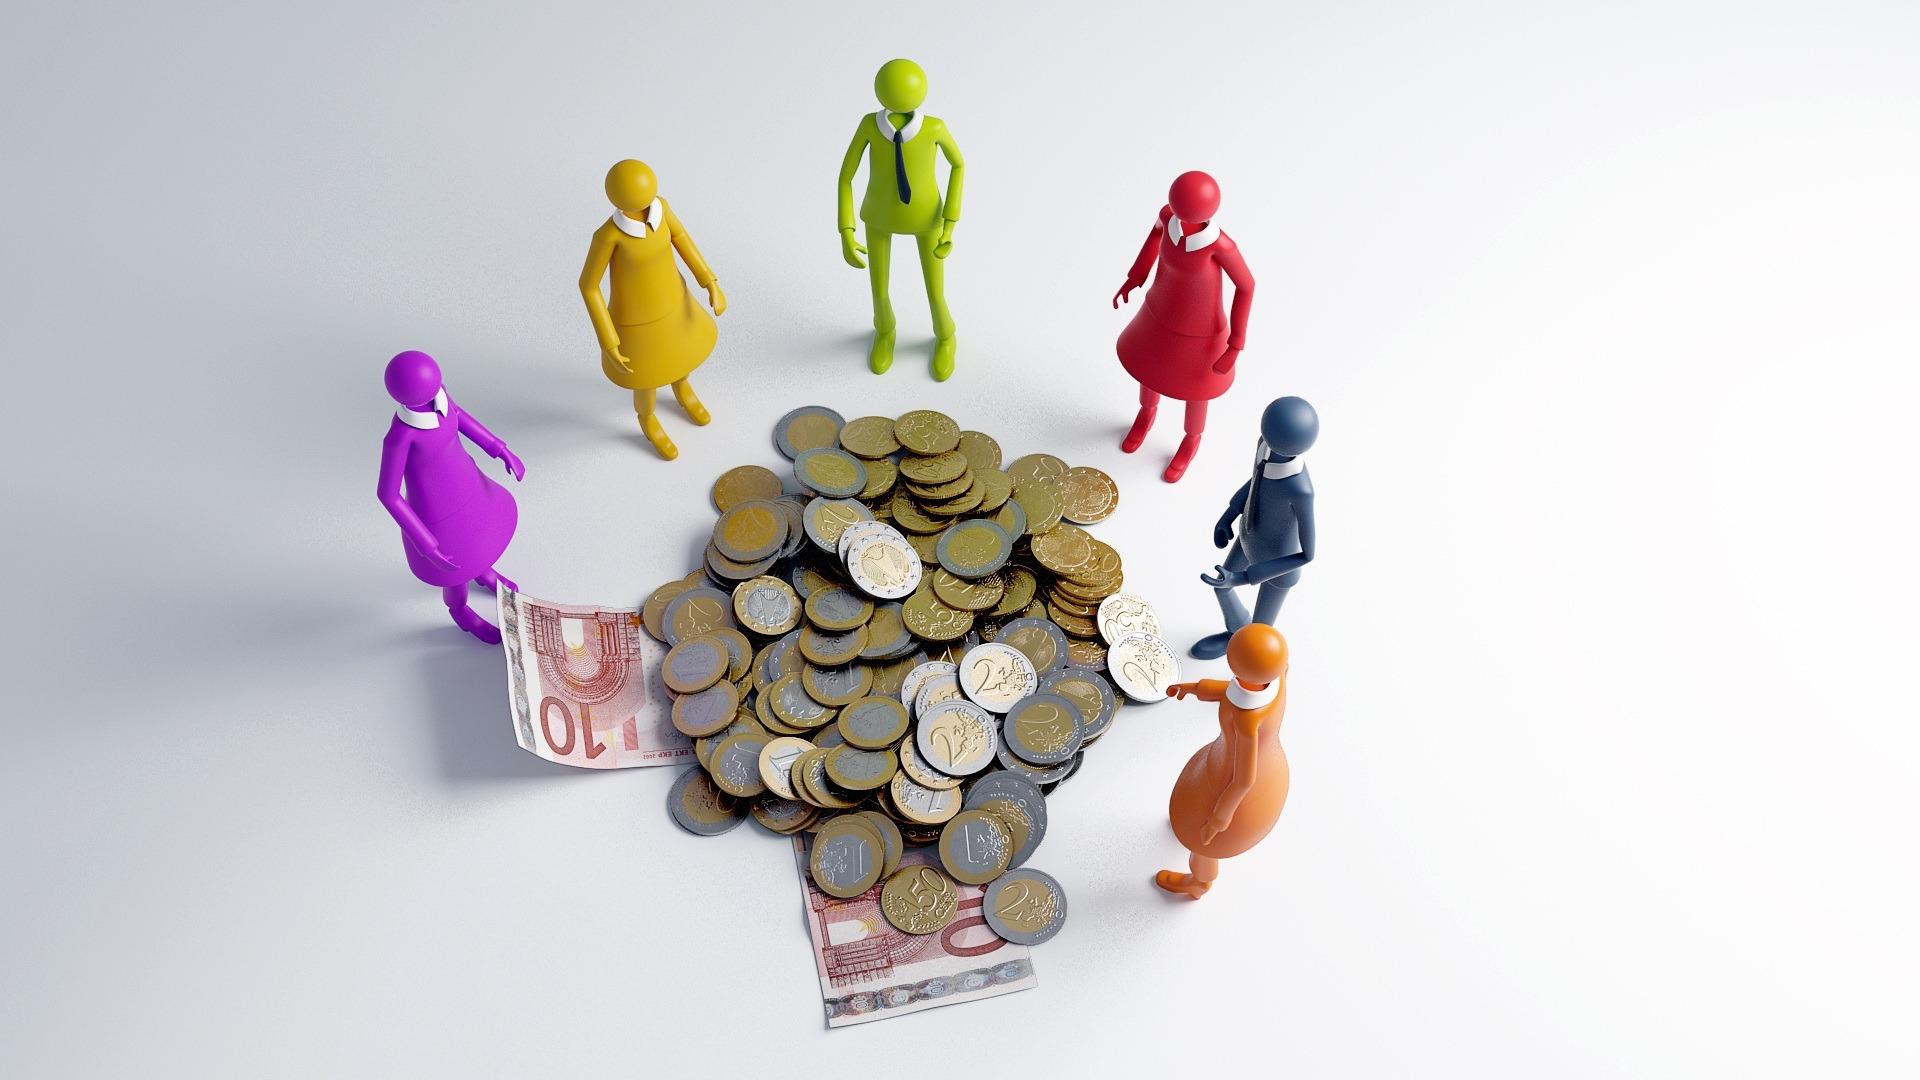 Crowdfunding-Gesetz: Eine Erfolgsgeschichte?